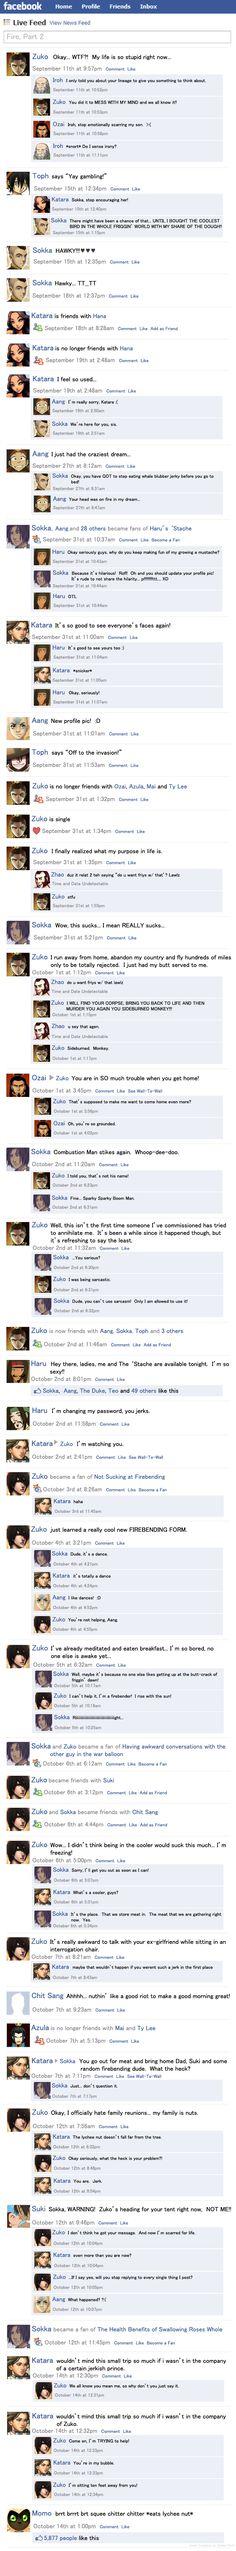 Avatar Facebook Fire Part 2